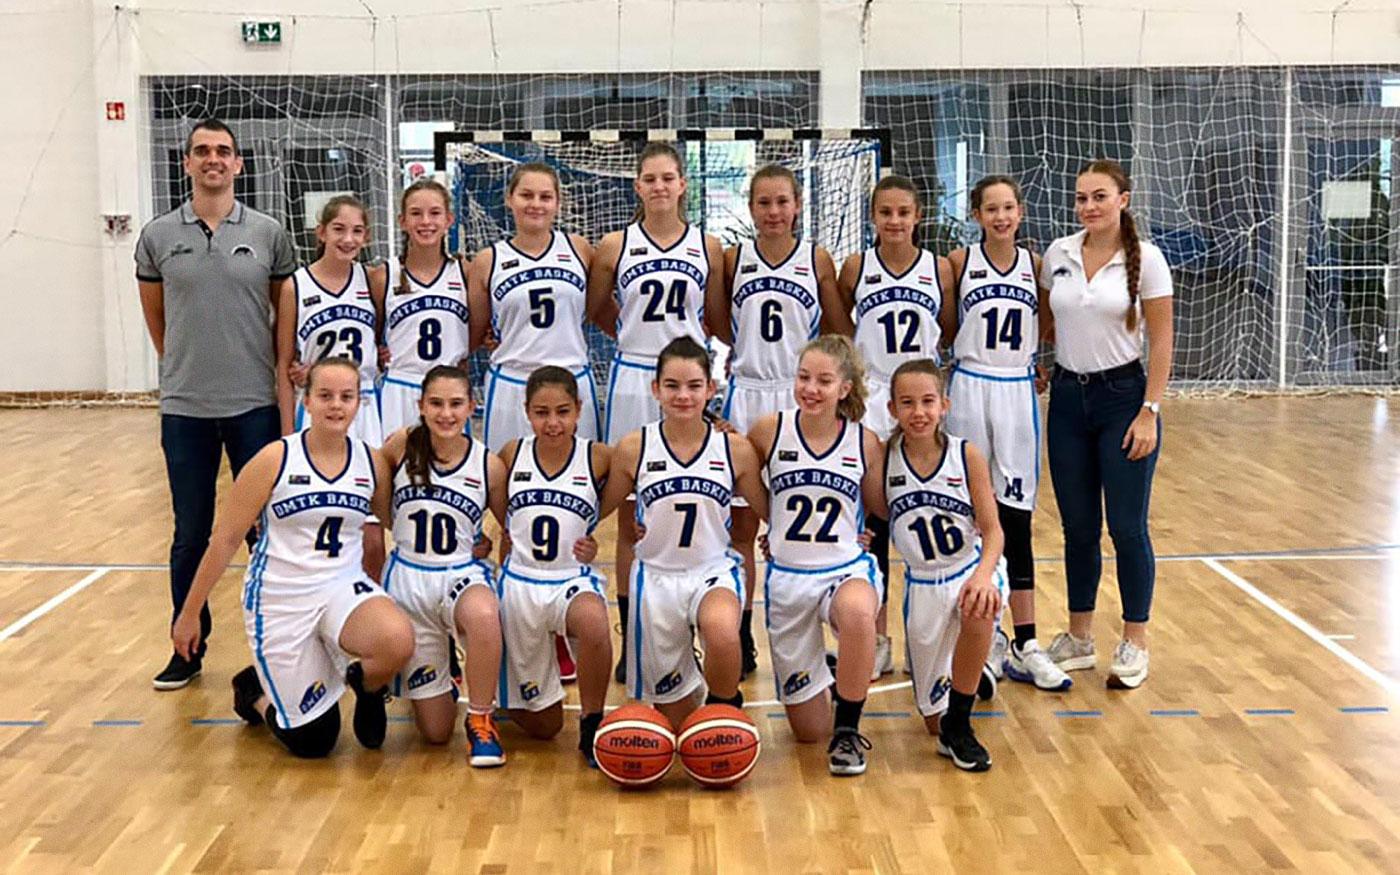 Derekasan helyt álltak, de nem jutottak tovább a kosárlabdázó lányok Szolnokon